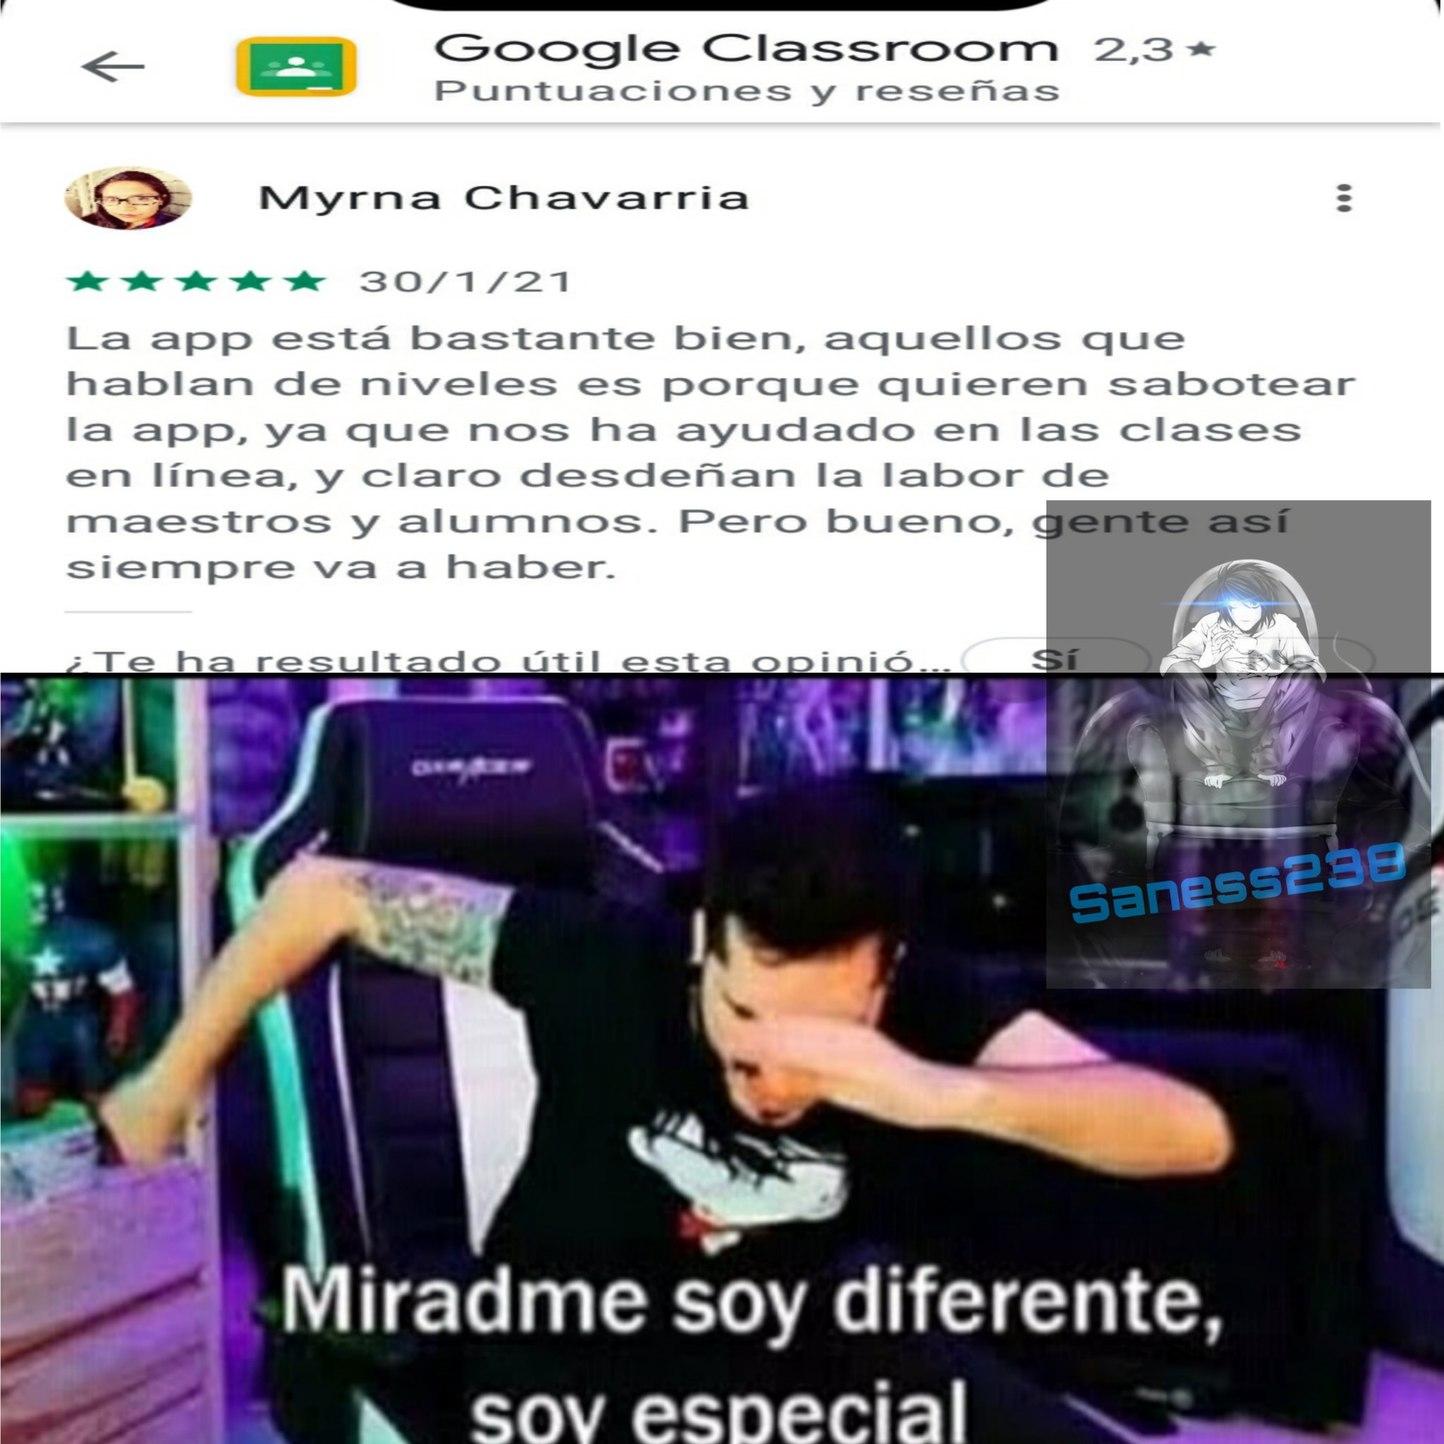 PRECISAMENTE LOS PROFESORES NO HAN TRABAJADO NADA DURANTE LA CUARENTENA - meme